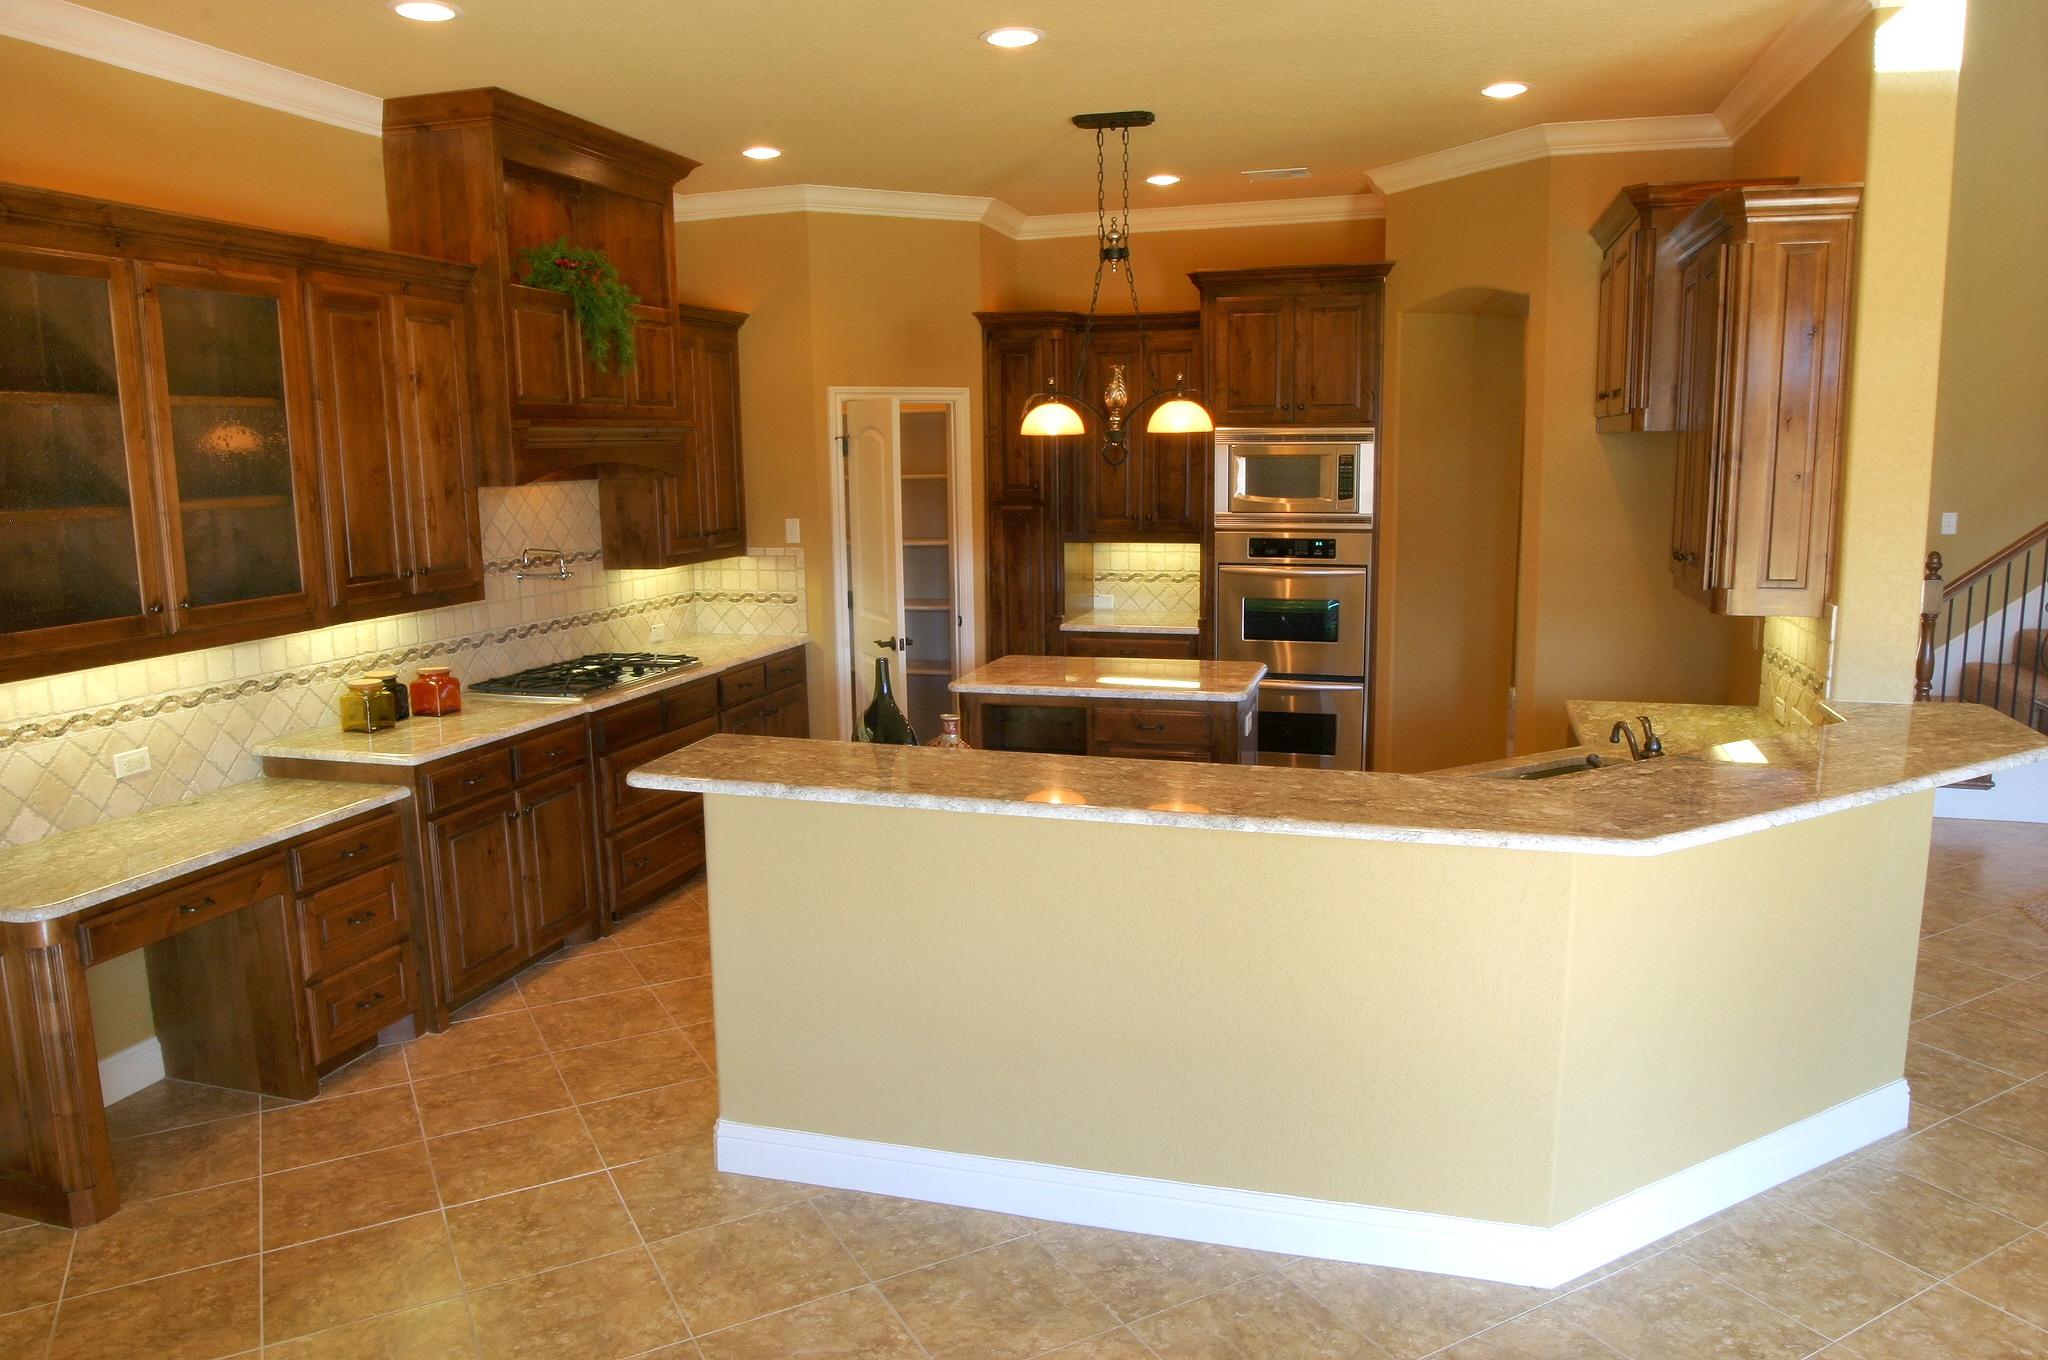 Hill House Design Kitchen Cabinet Viahouse Com